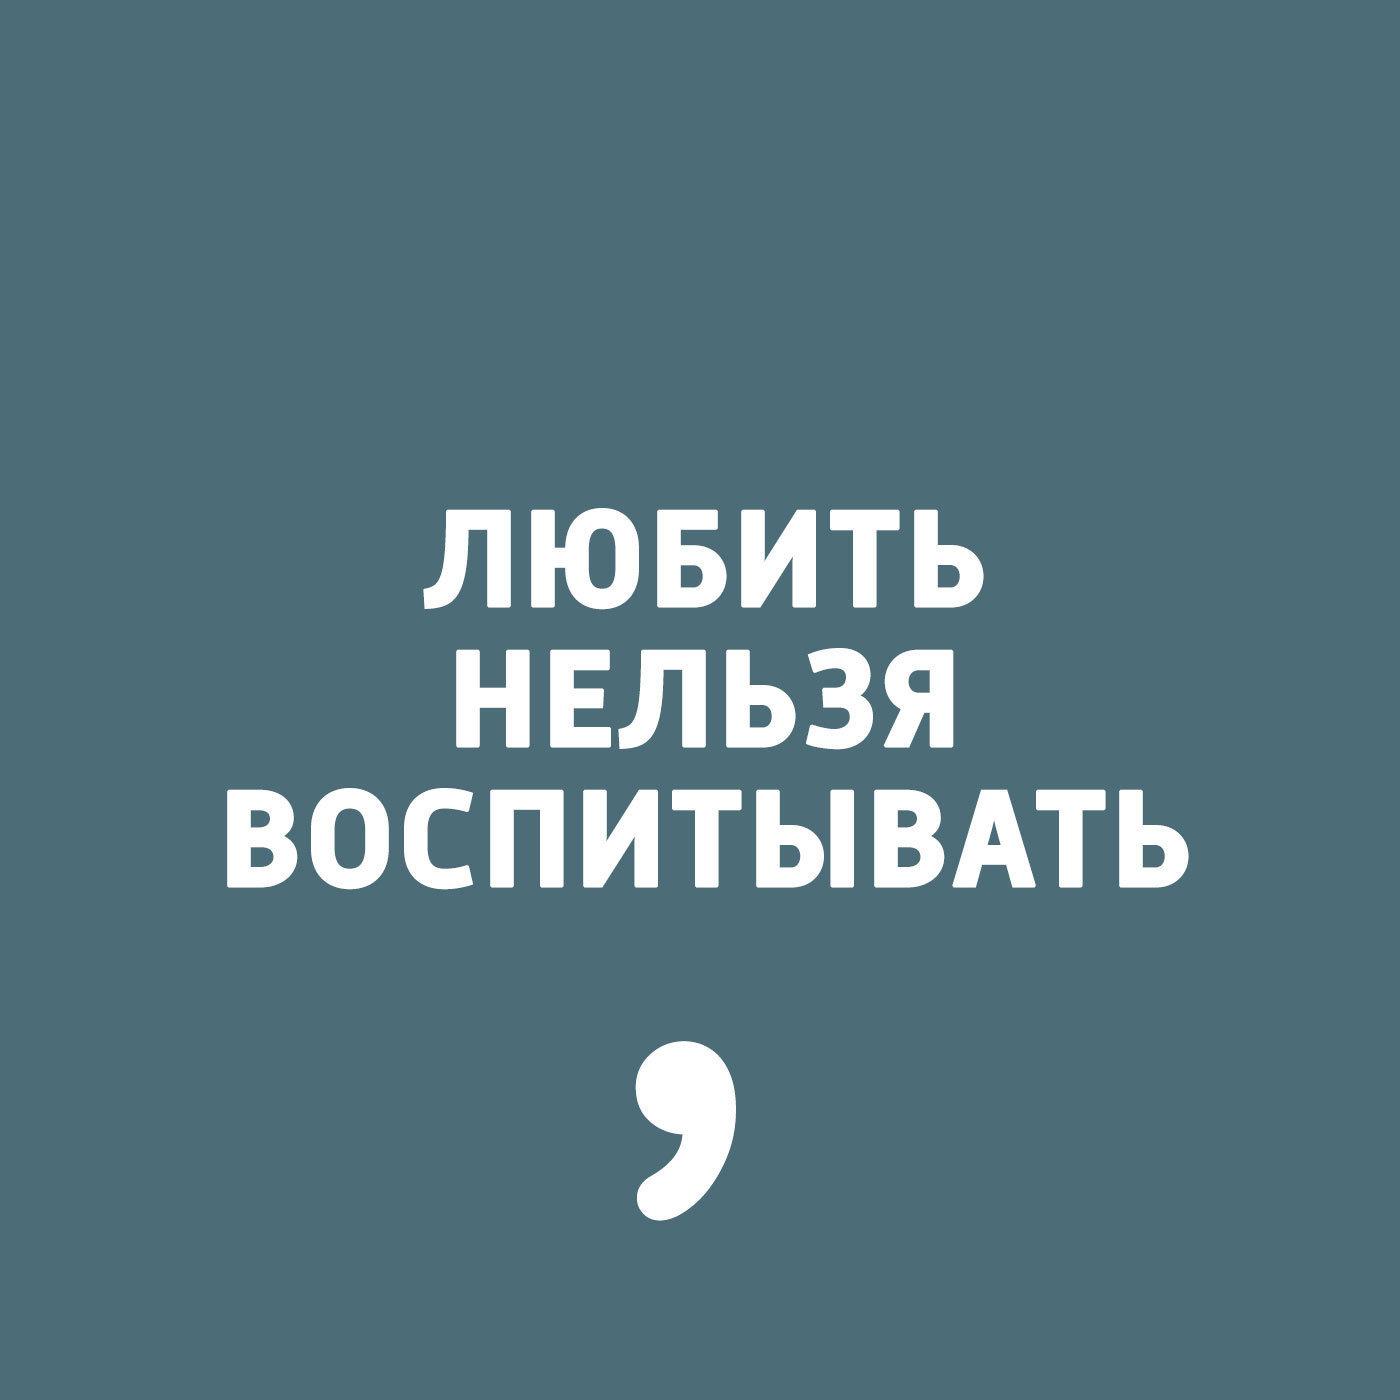 Дима Зицер Выпуск 40 дима зицер любить нельзя воспитывать